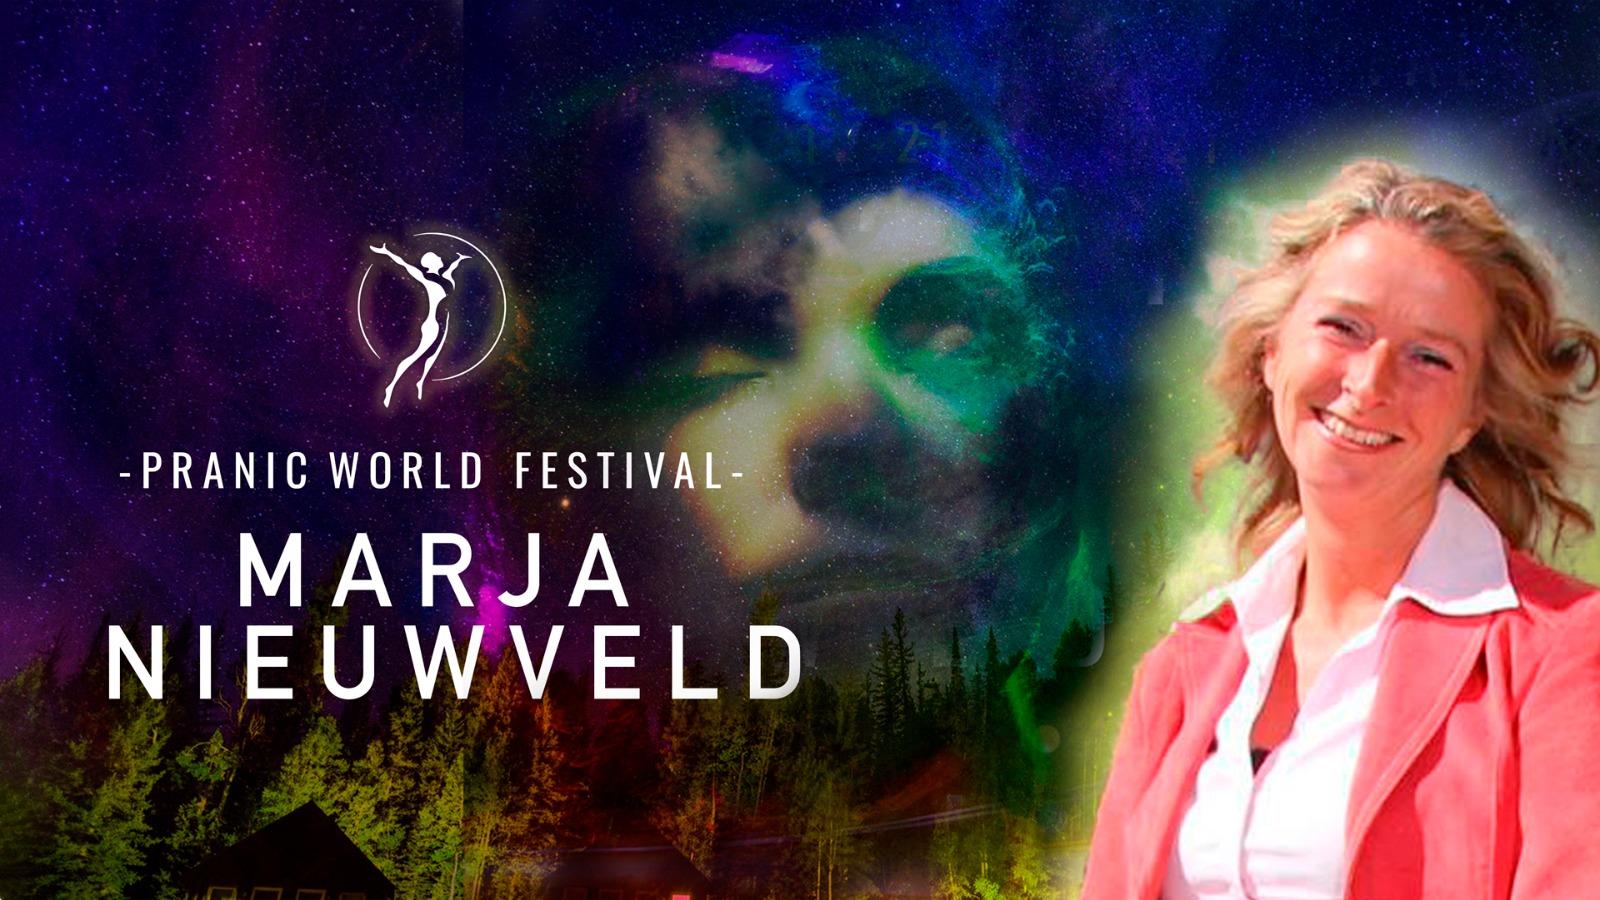 marja-nieuwveld-pwf-2021